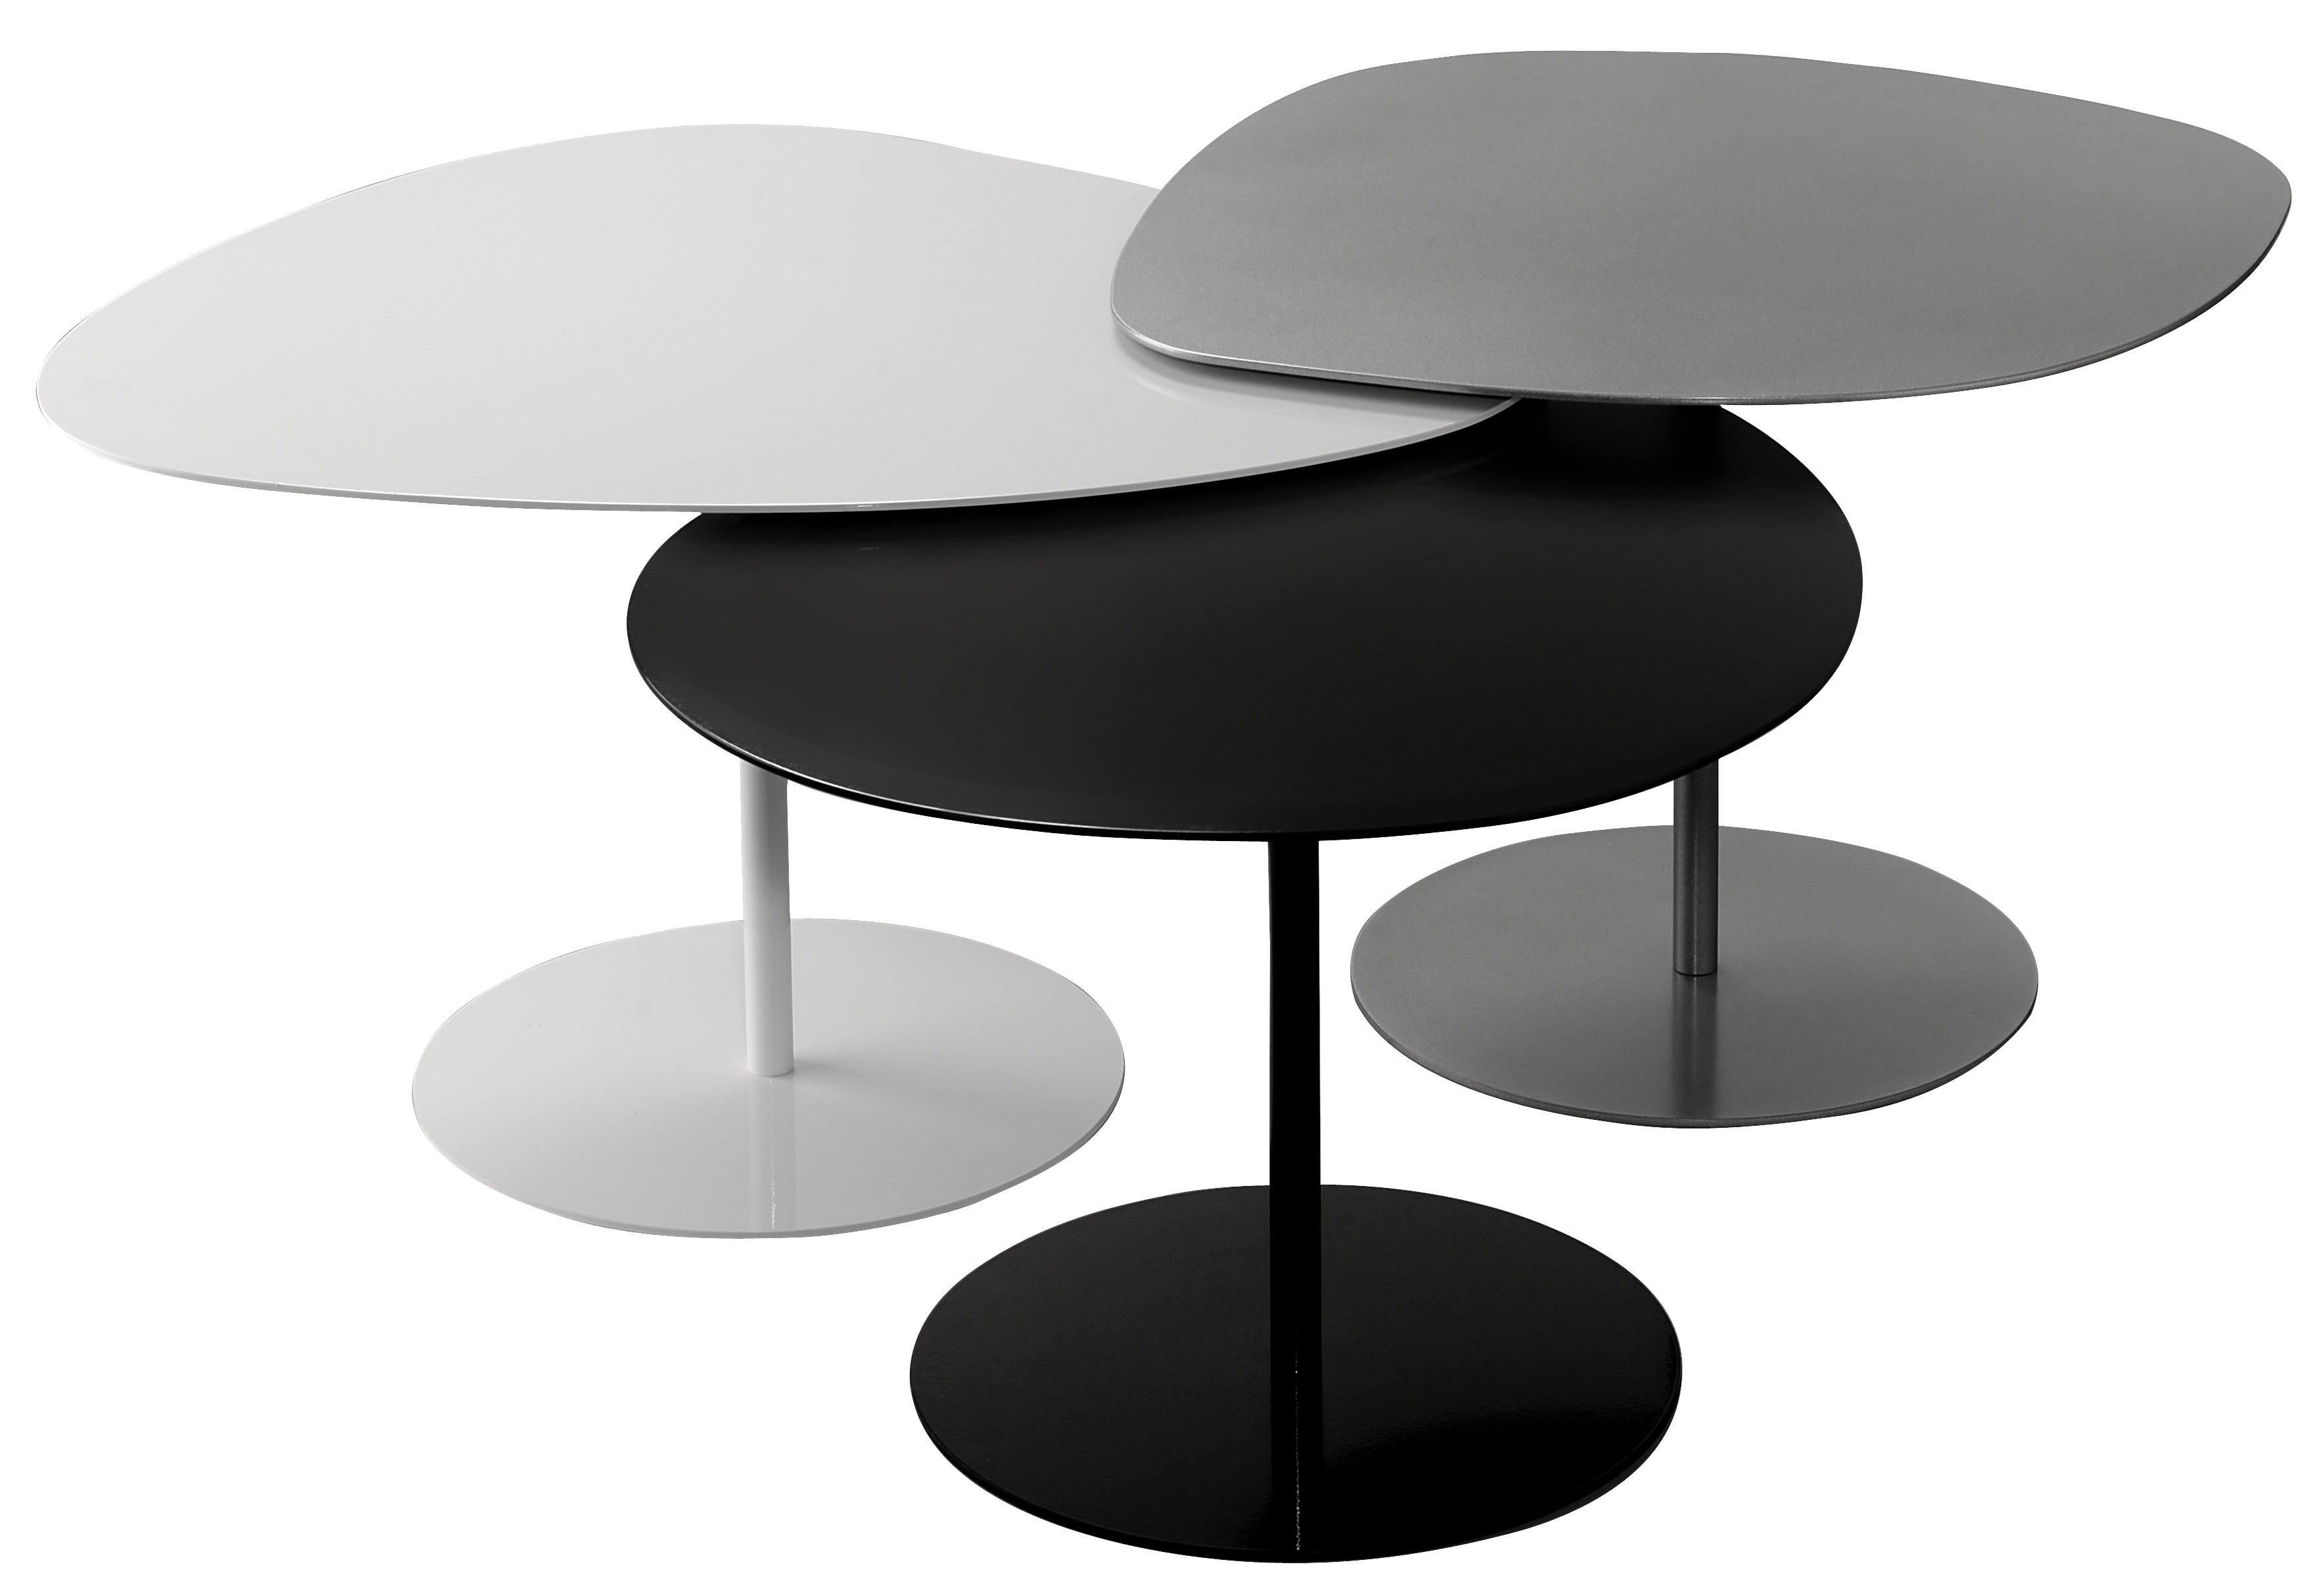 Mobilier - Tables basses - Tables gigognes 3 Galets / Set de 3 - Matière Grise - Noir, Blanc, Gris - Acier